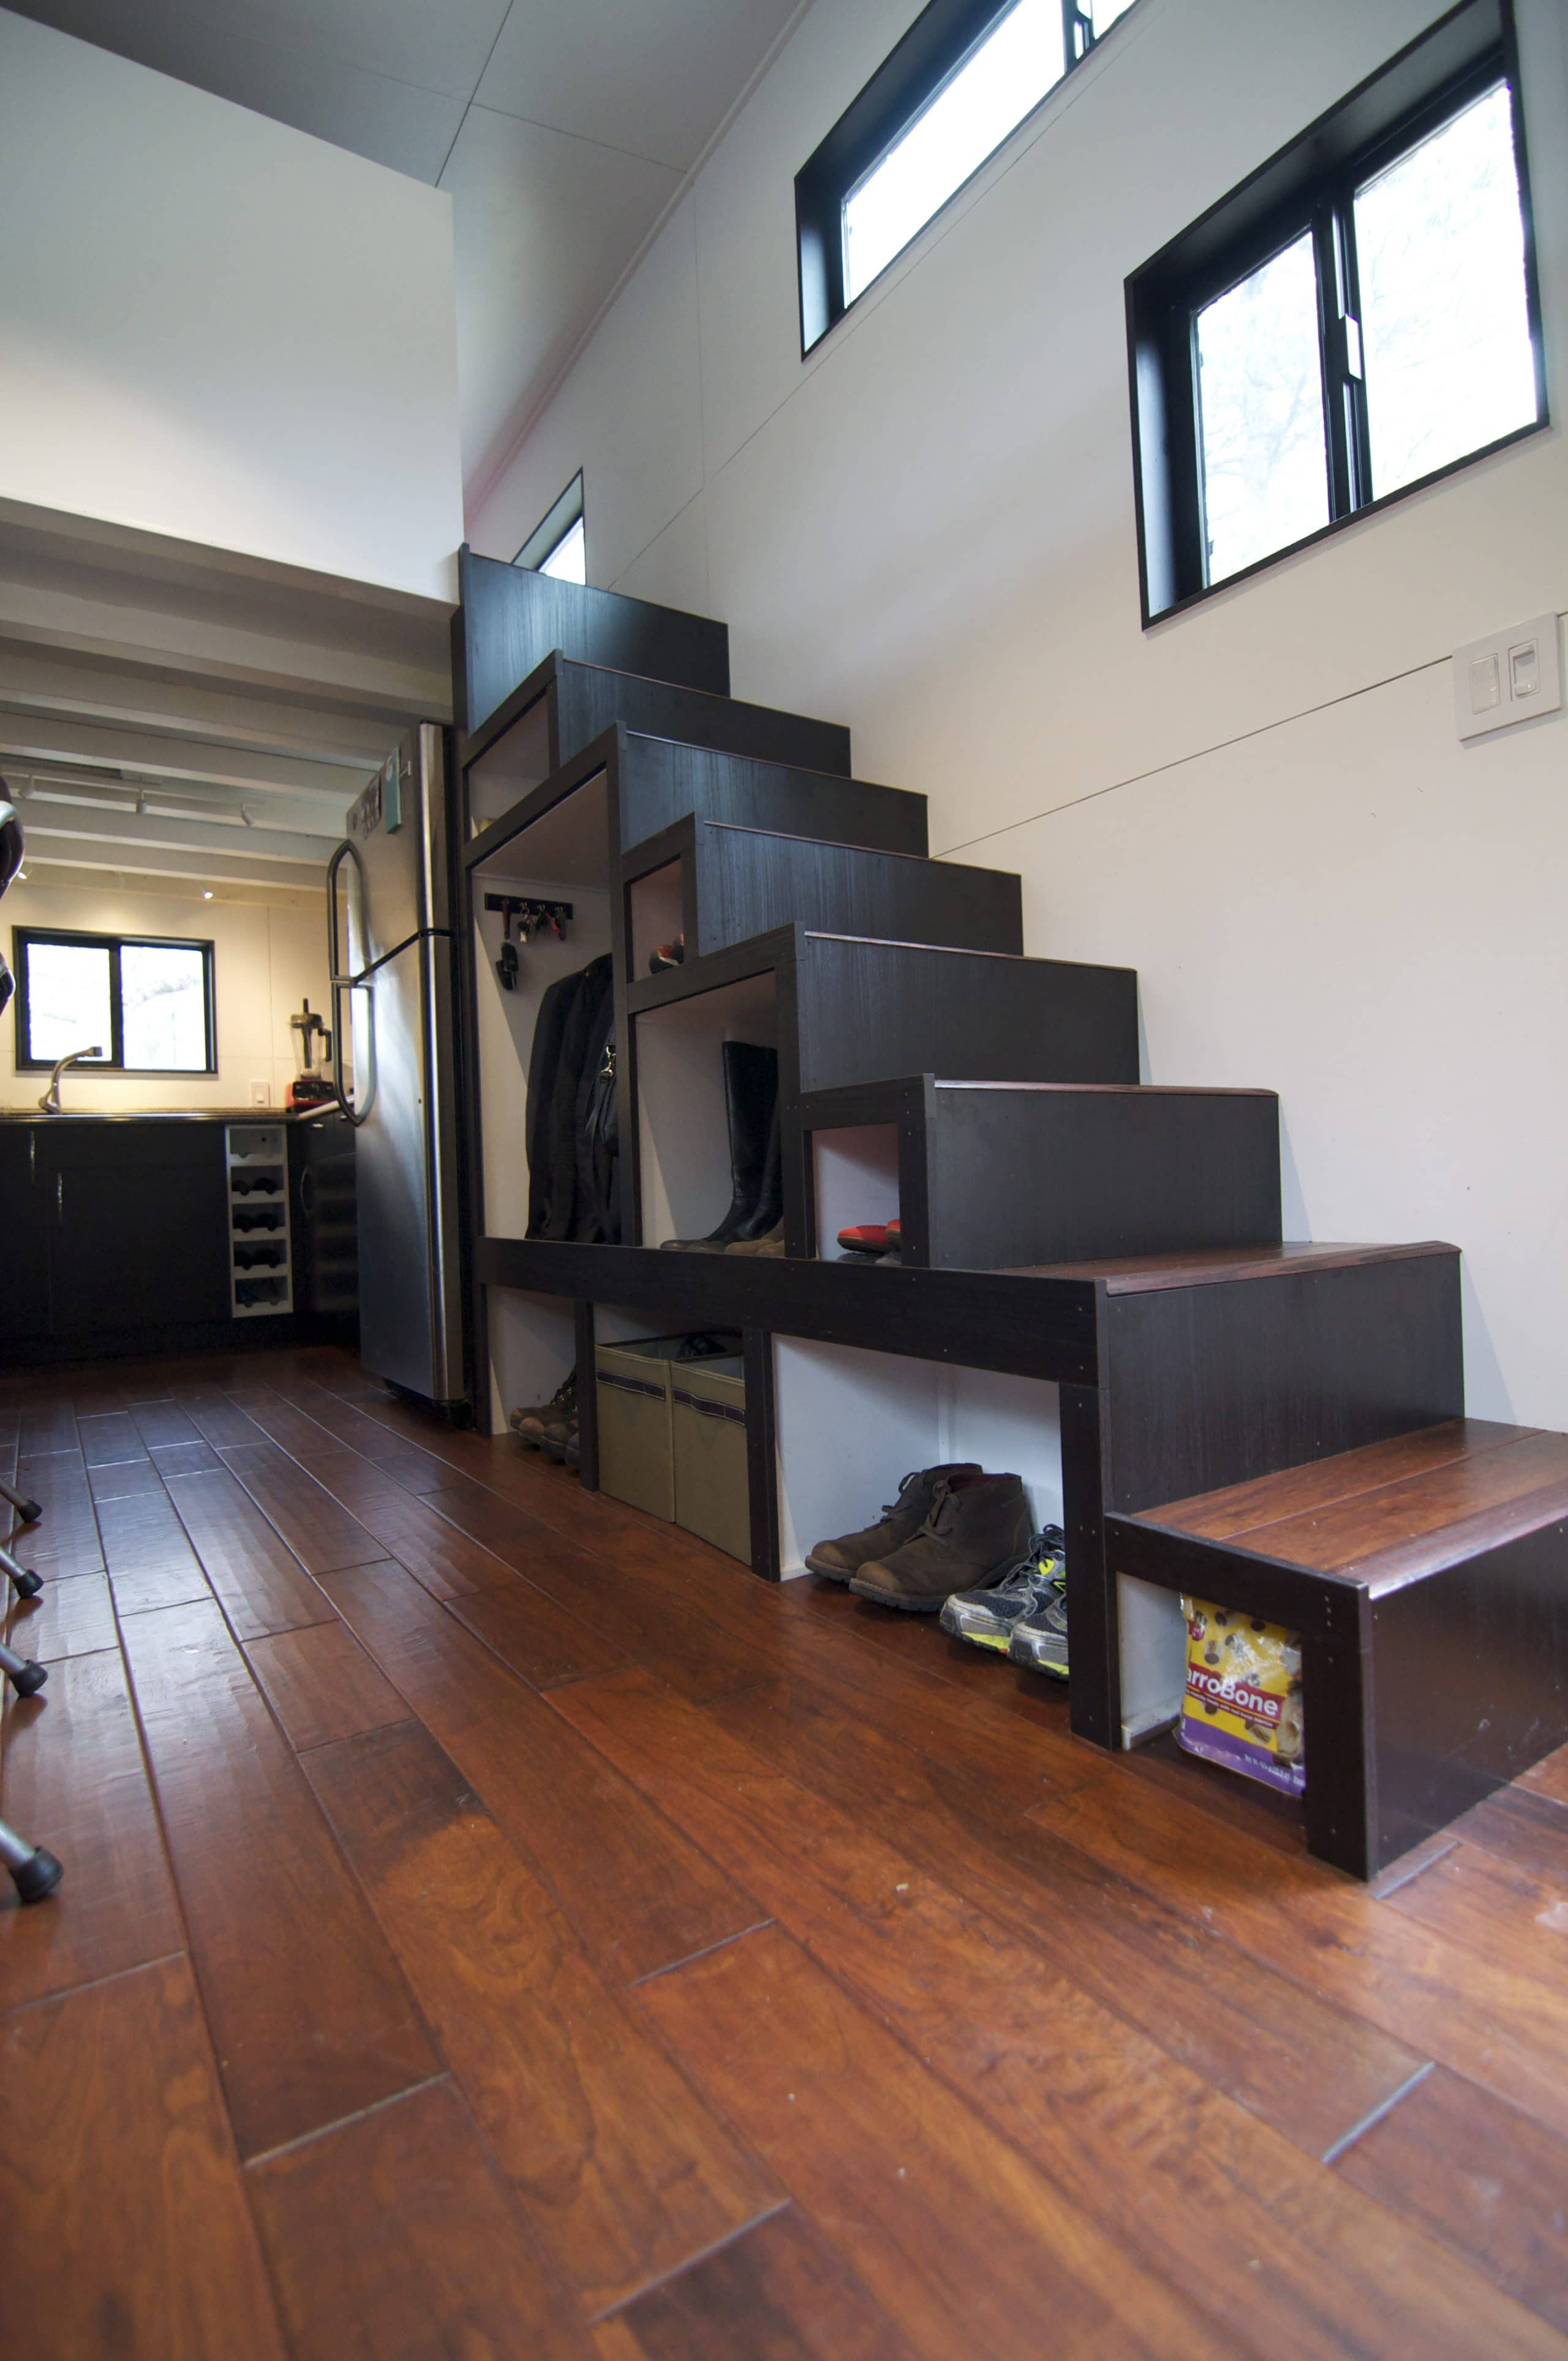 Dise o de casa muy peque a optimizando espacios for Diseno de hogar